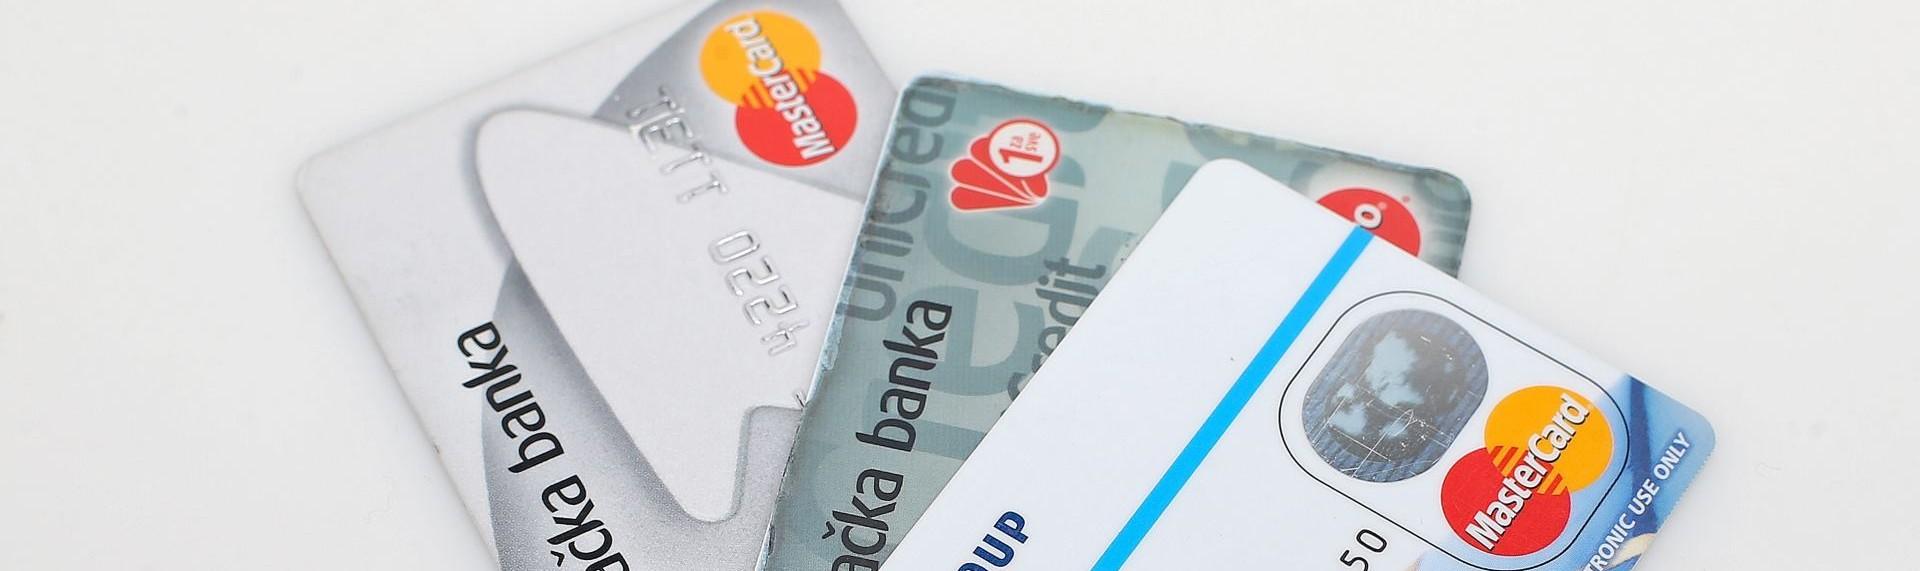 ISTRAŽIVANJE SVJETSKE BANKE Dvije milijardi ljudi u svijetu još nema pristup bankarskim uslugama